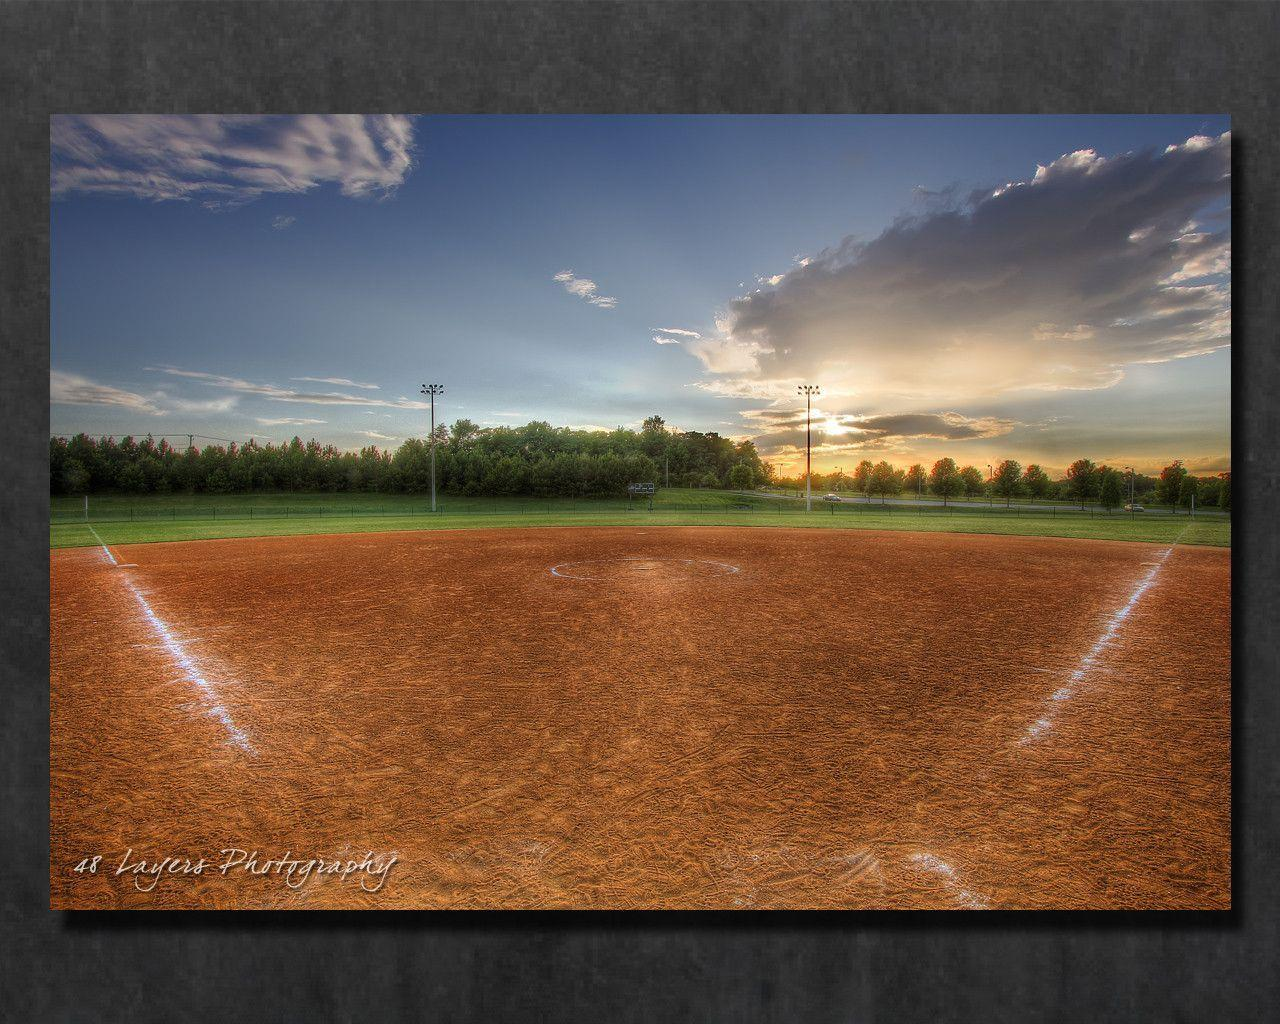 Softball field wallpaper baseball field backgrounds wallpaper cave